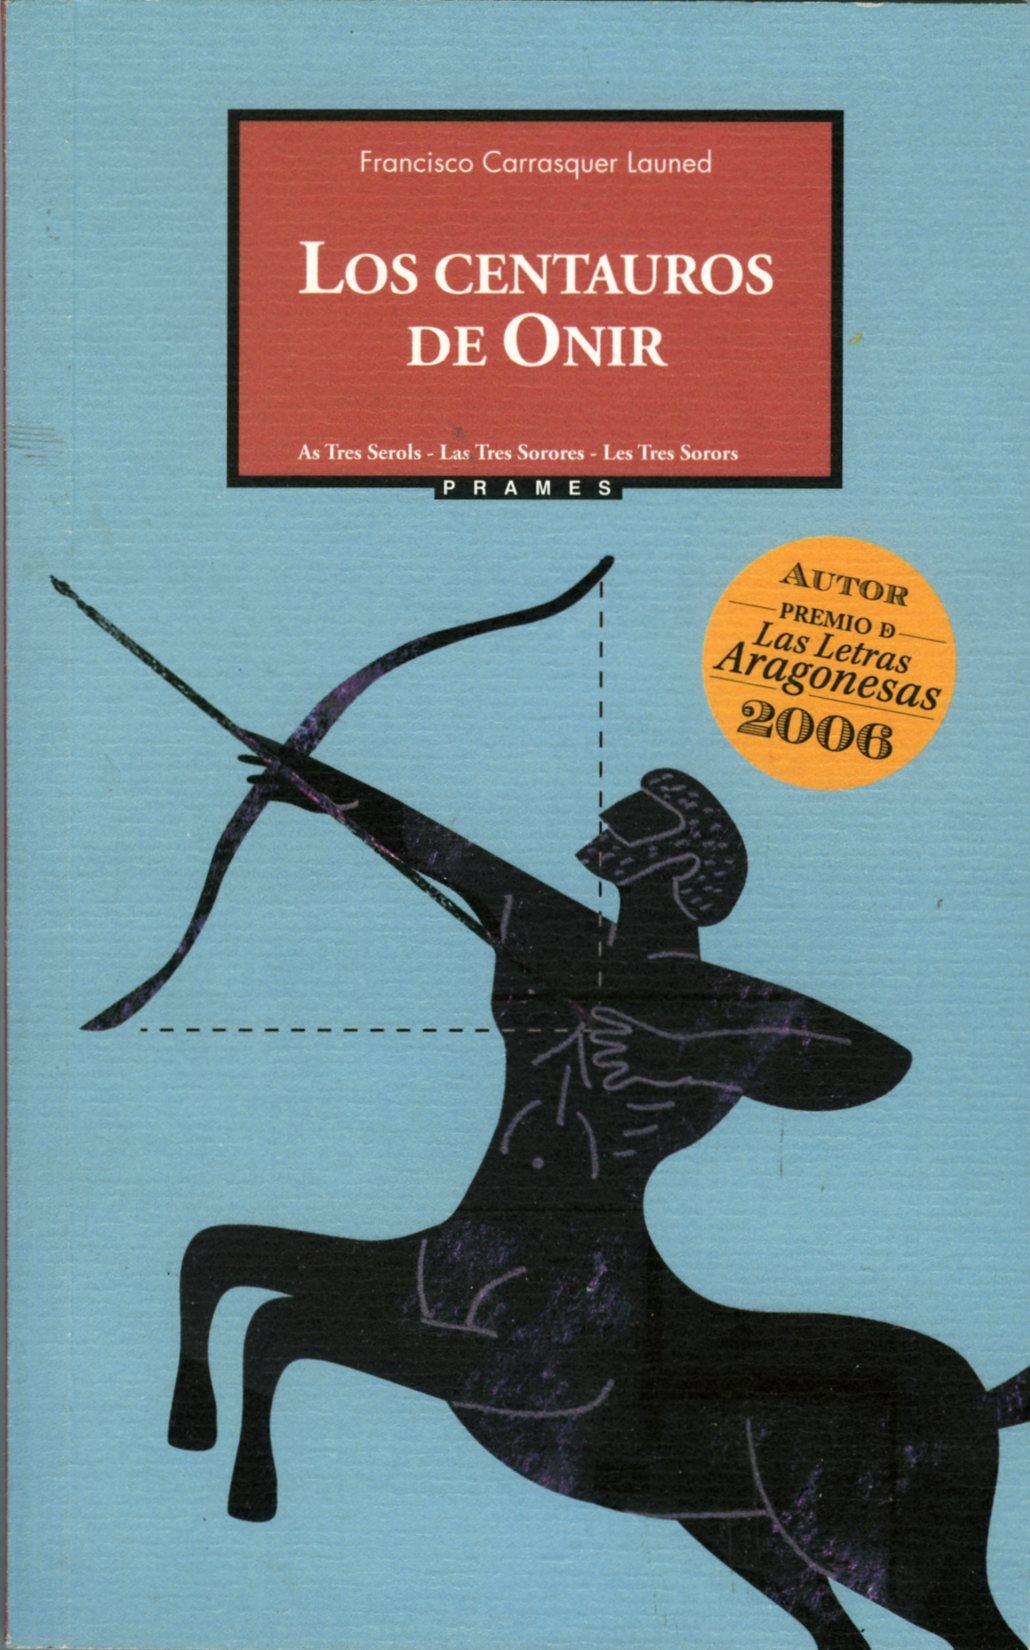 Carrasquer_Los centauros de Onir